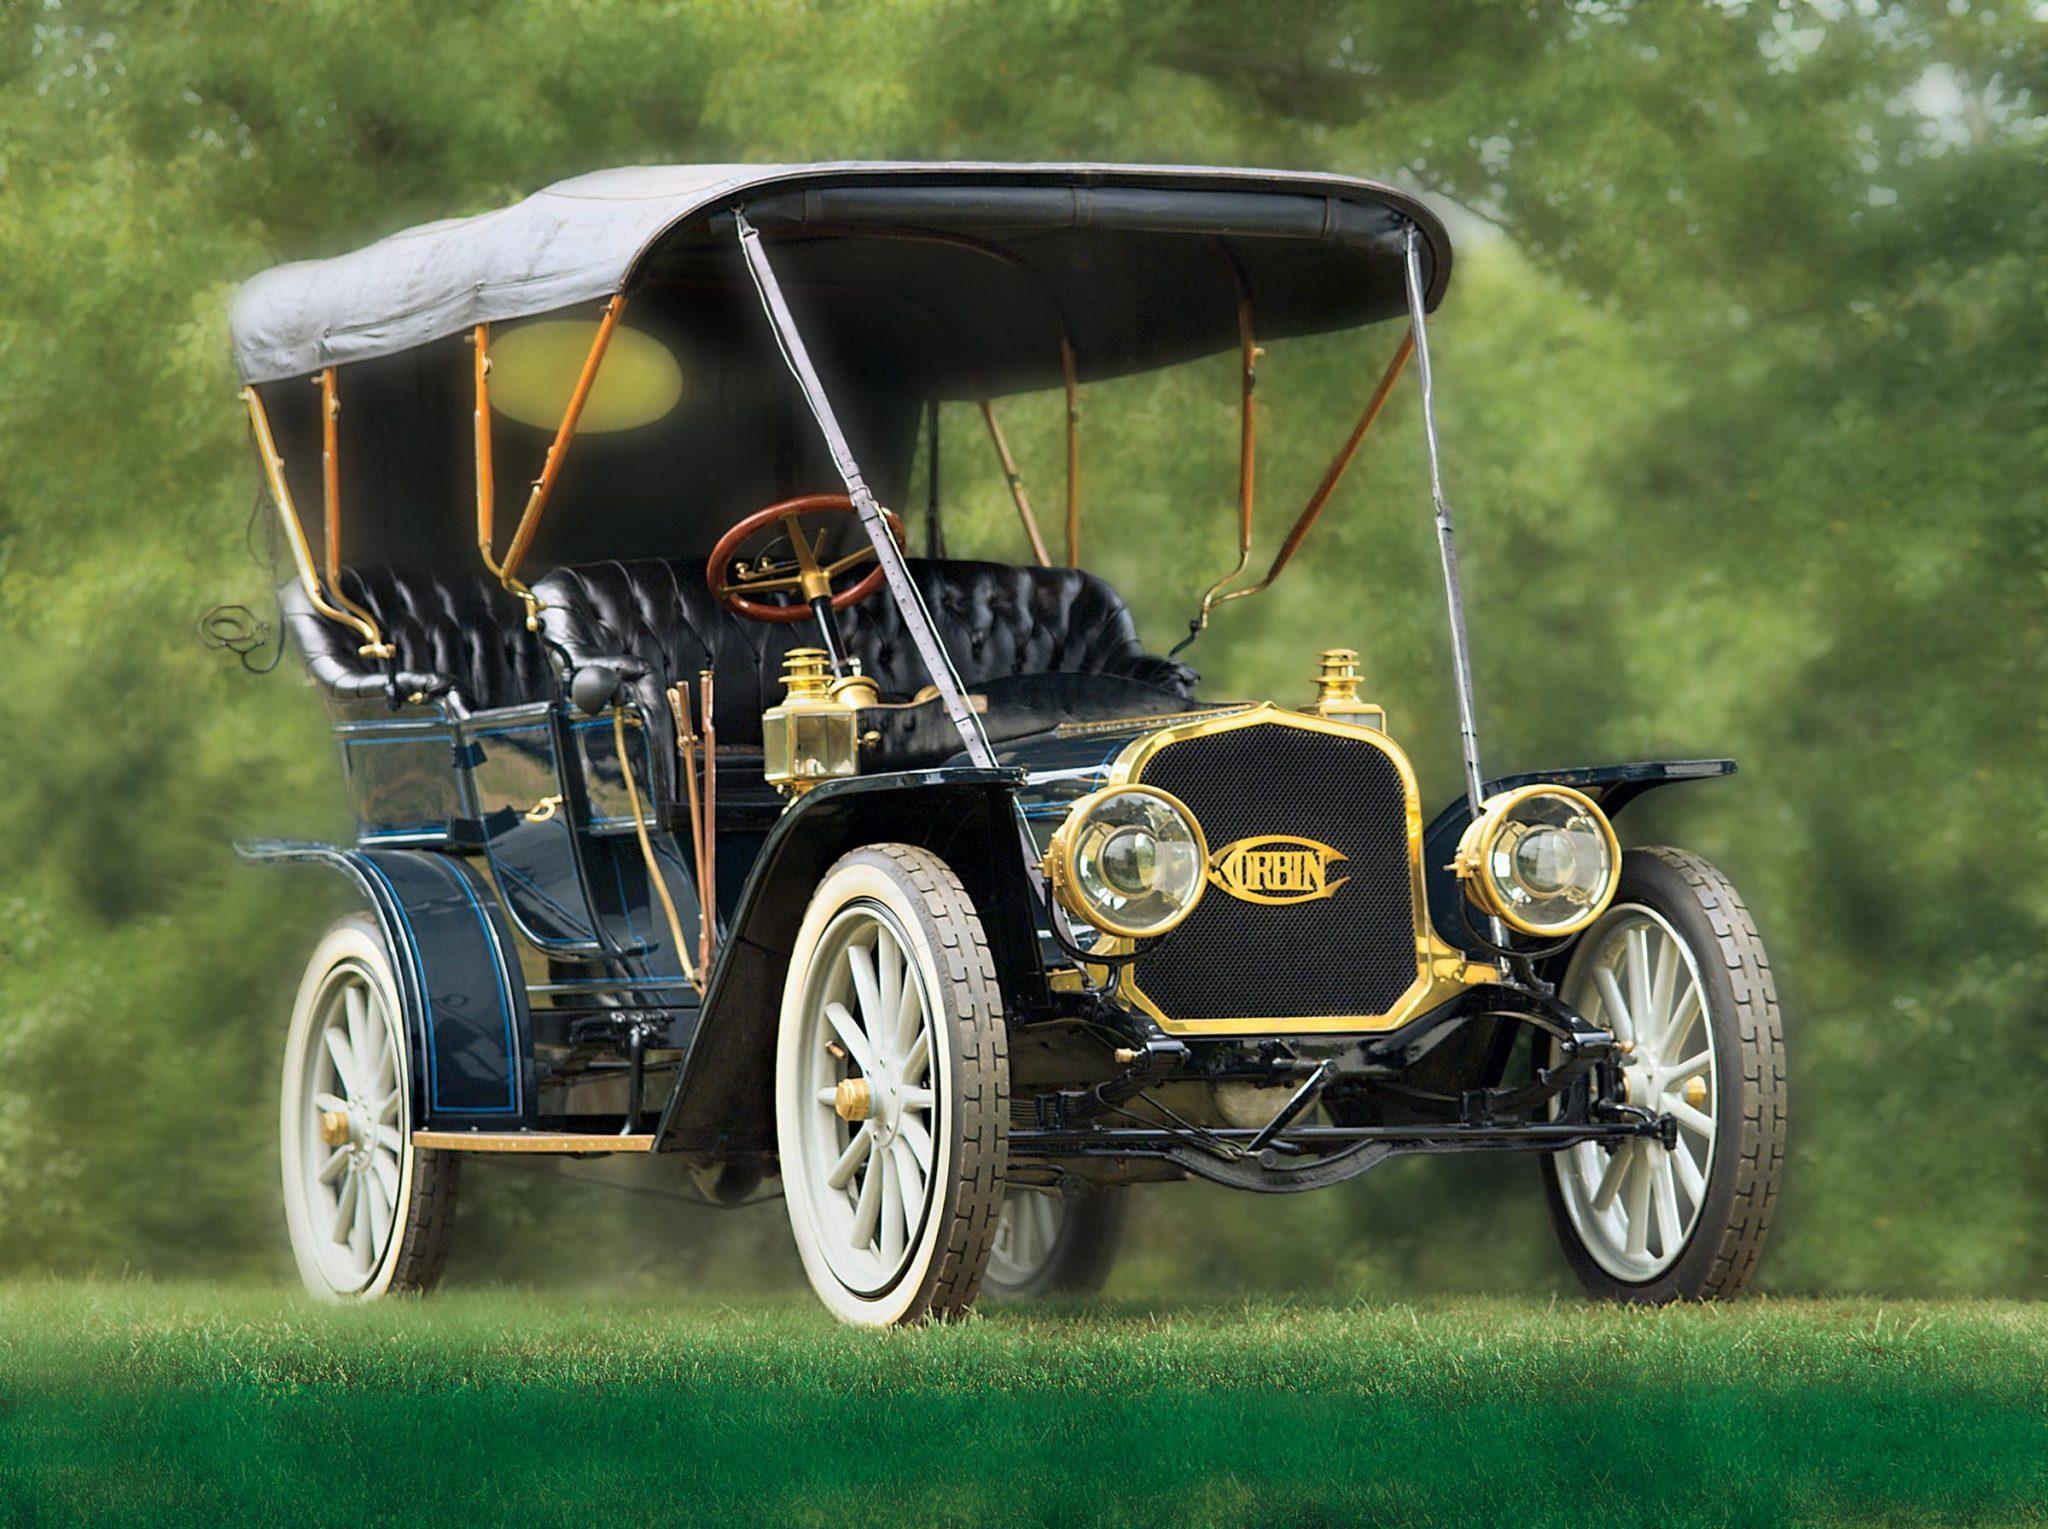 Corbin Automobile